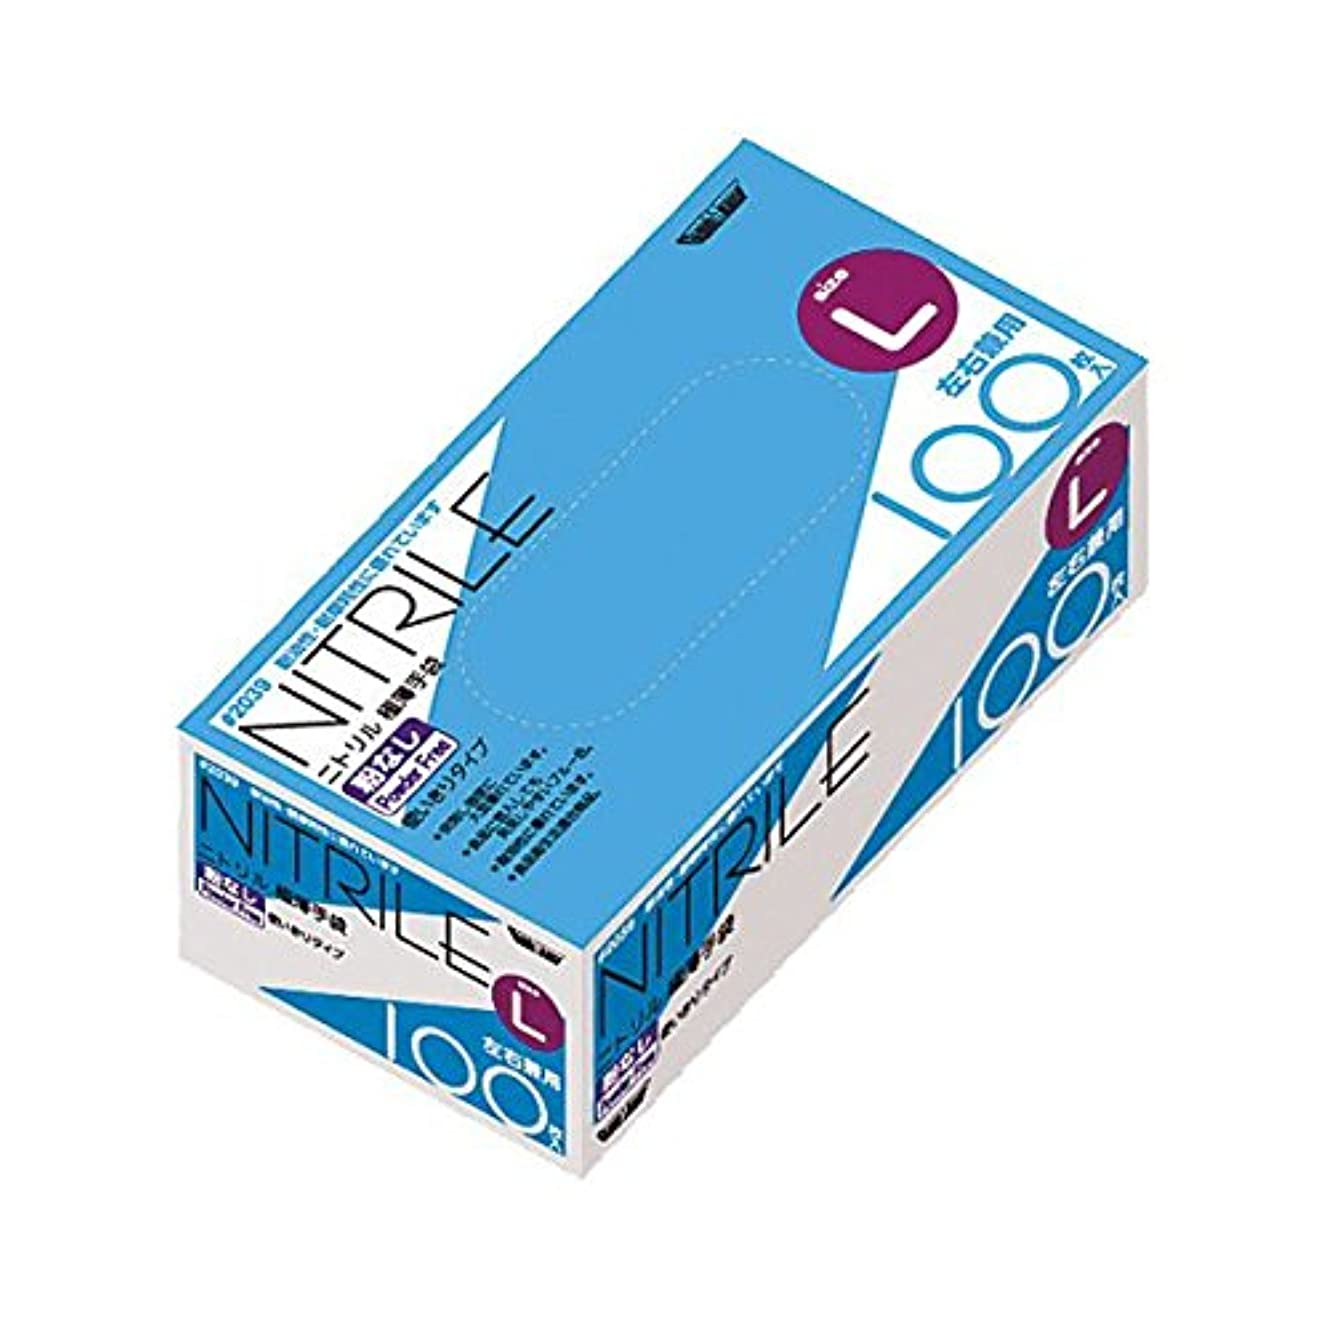 不十分毒性膜(業務用20セット) 川西工業 ニトリル極薄手袋 粉なし BL #2039 Lサイズ ブルー ダイエット 健康 衛生用品 その他の衛生用品 14067381 [並行輸入品]